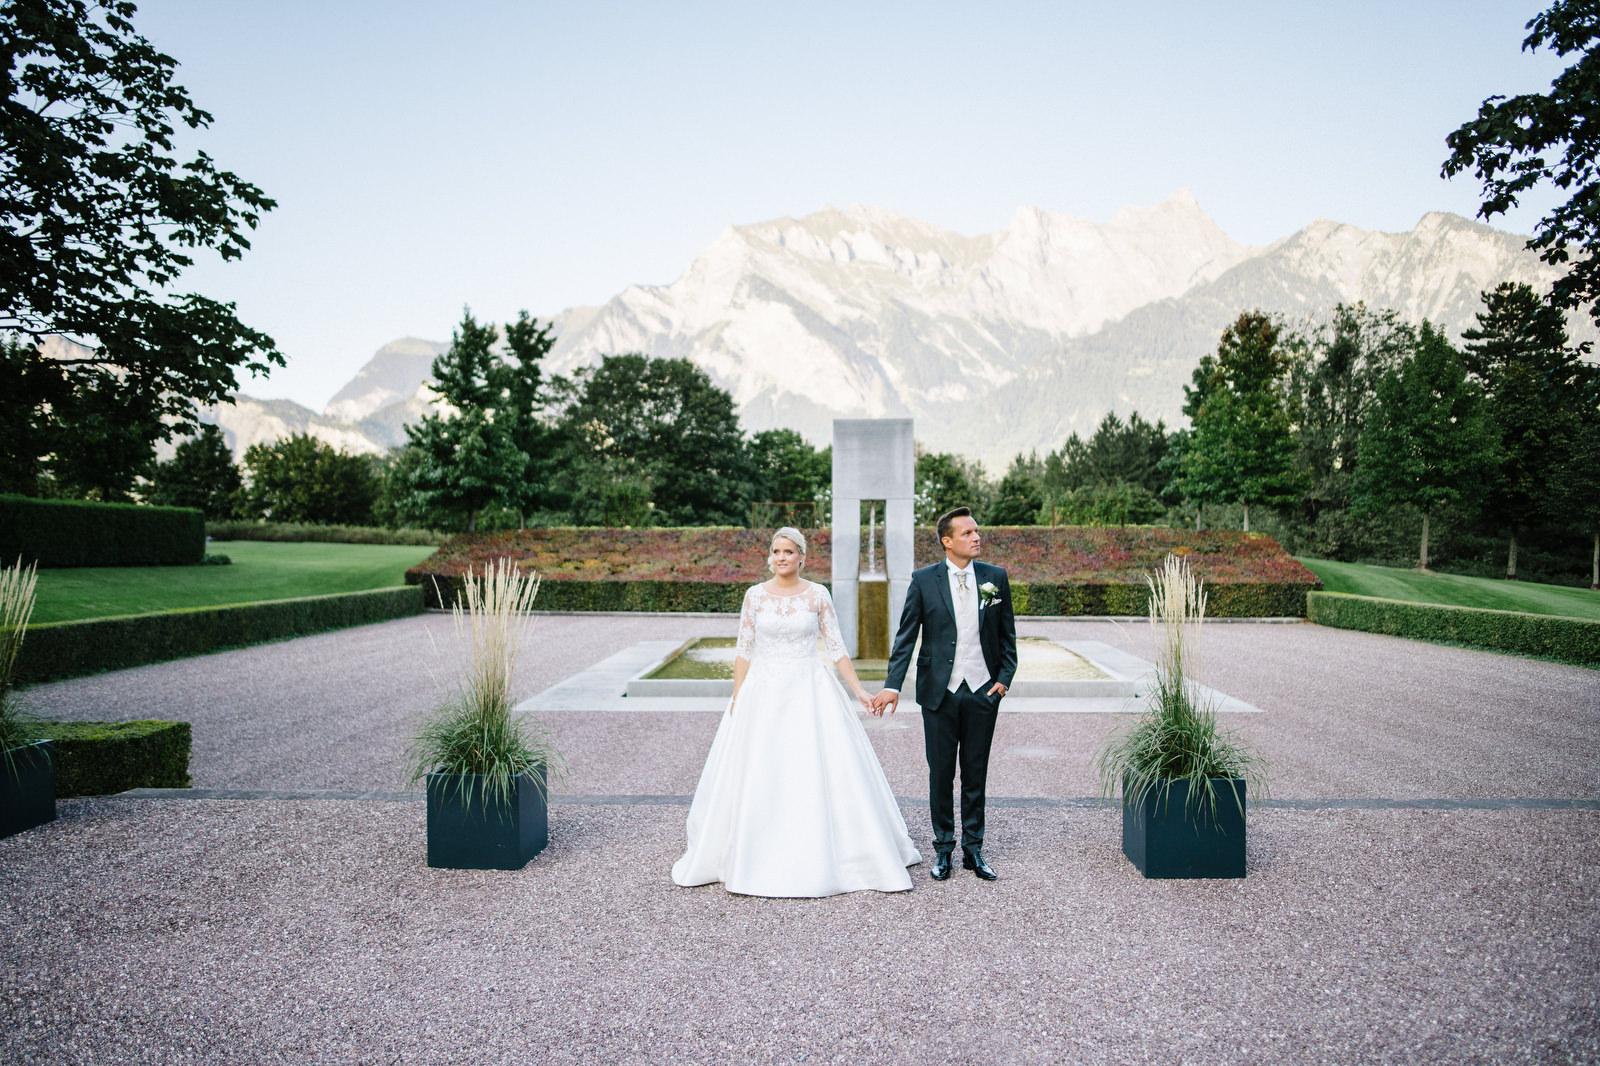 Fotograf Konstanz - Luxus Hochzeit Fotograf Grand Resort Bad Ragaz Schweiz Lichtenstein 142 - Destination wedding at the Grand Resort Bad Ragaz, Swiss  - 190 -